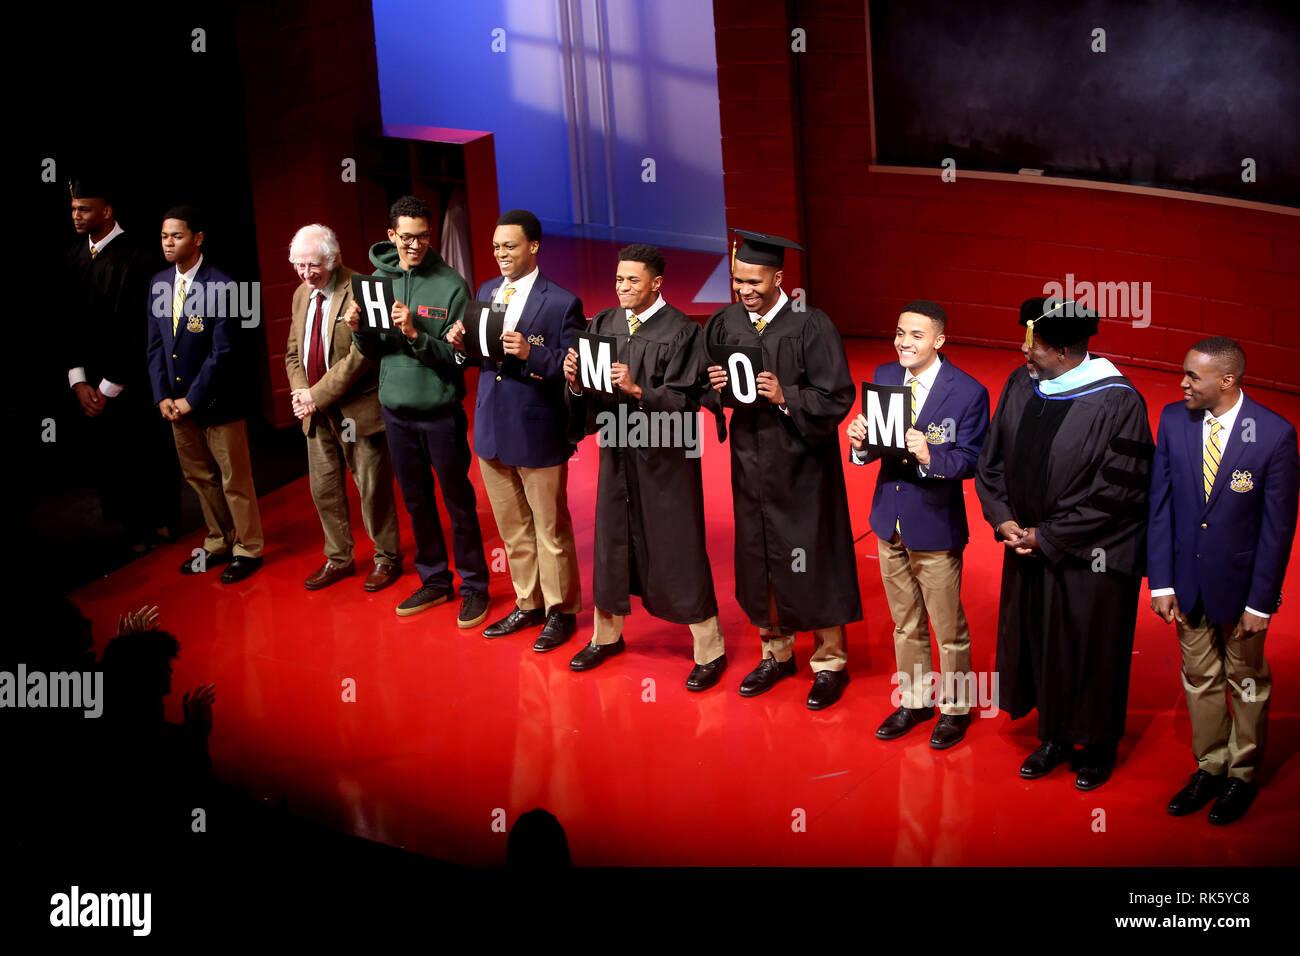 Offnung Nacht Des Chor Junge Am Samuel J Friedman Theater Curtain